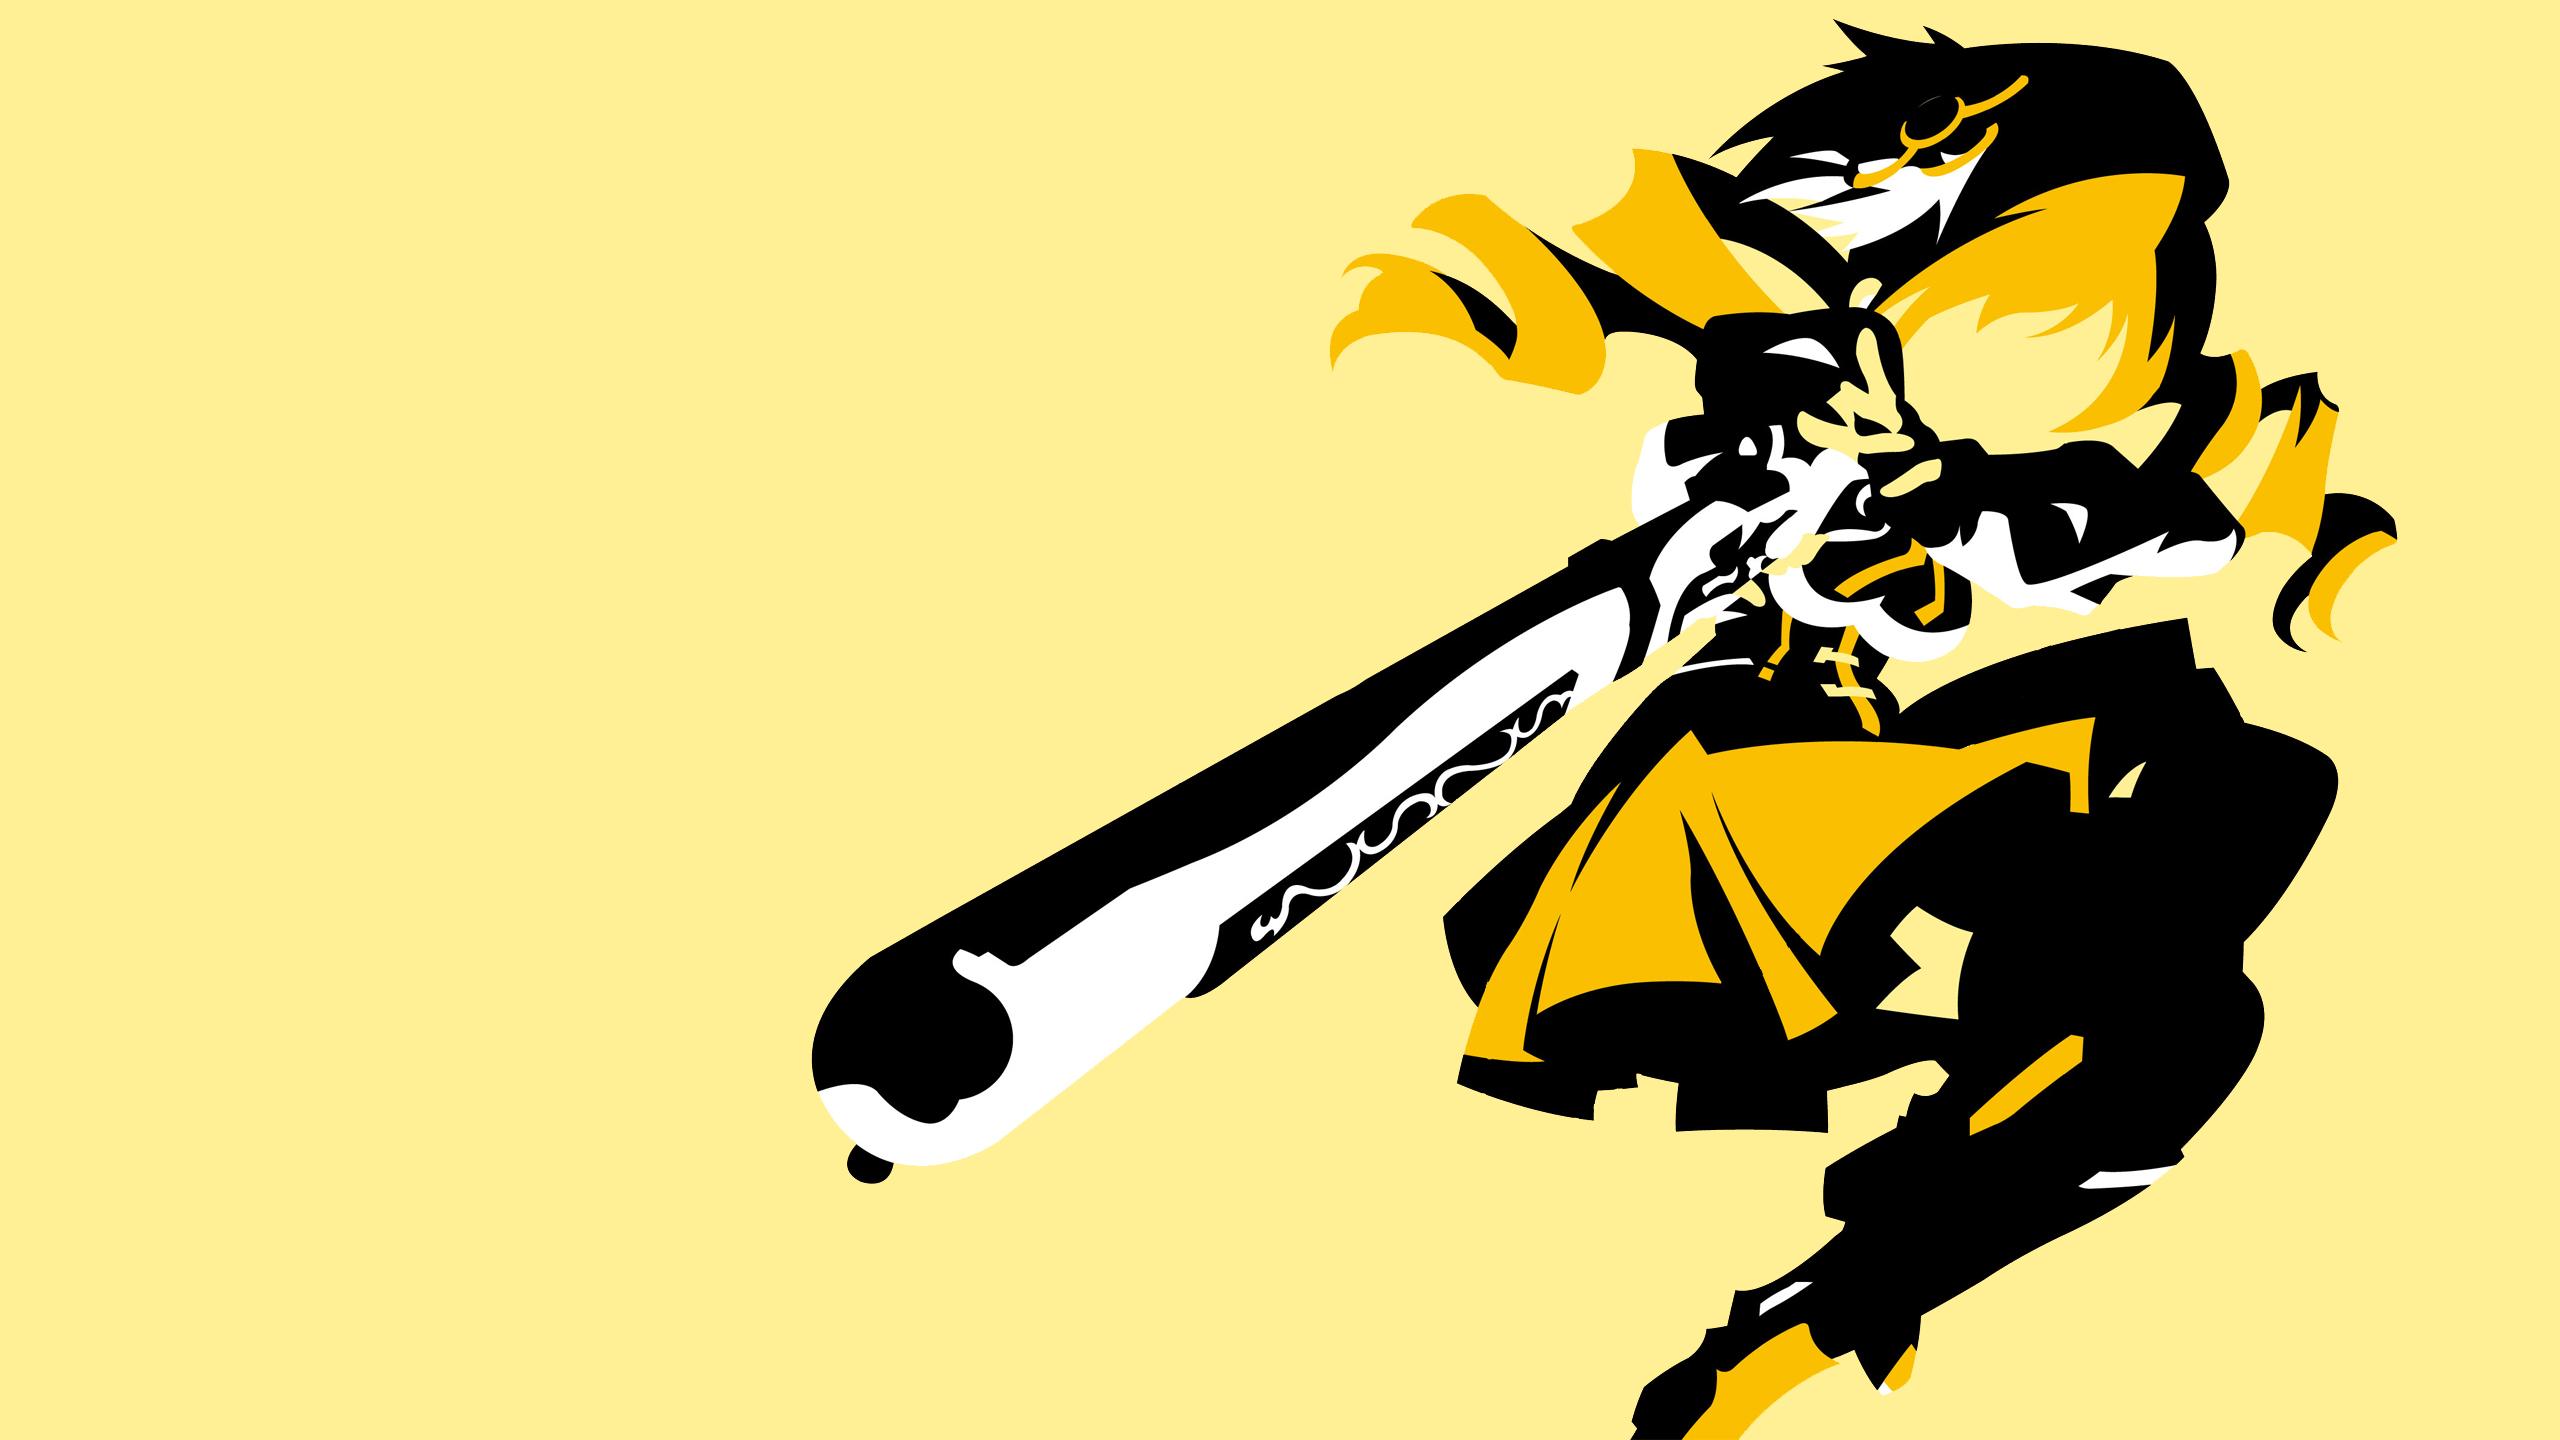 デスクトップ壁紙 図 アニメの女の子 魔法少女まどかマギカ